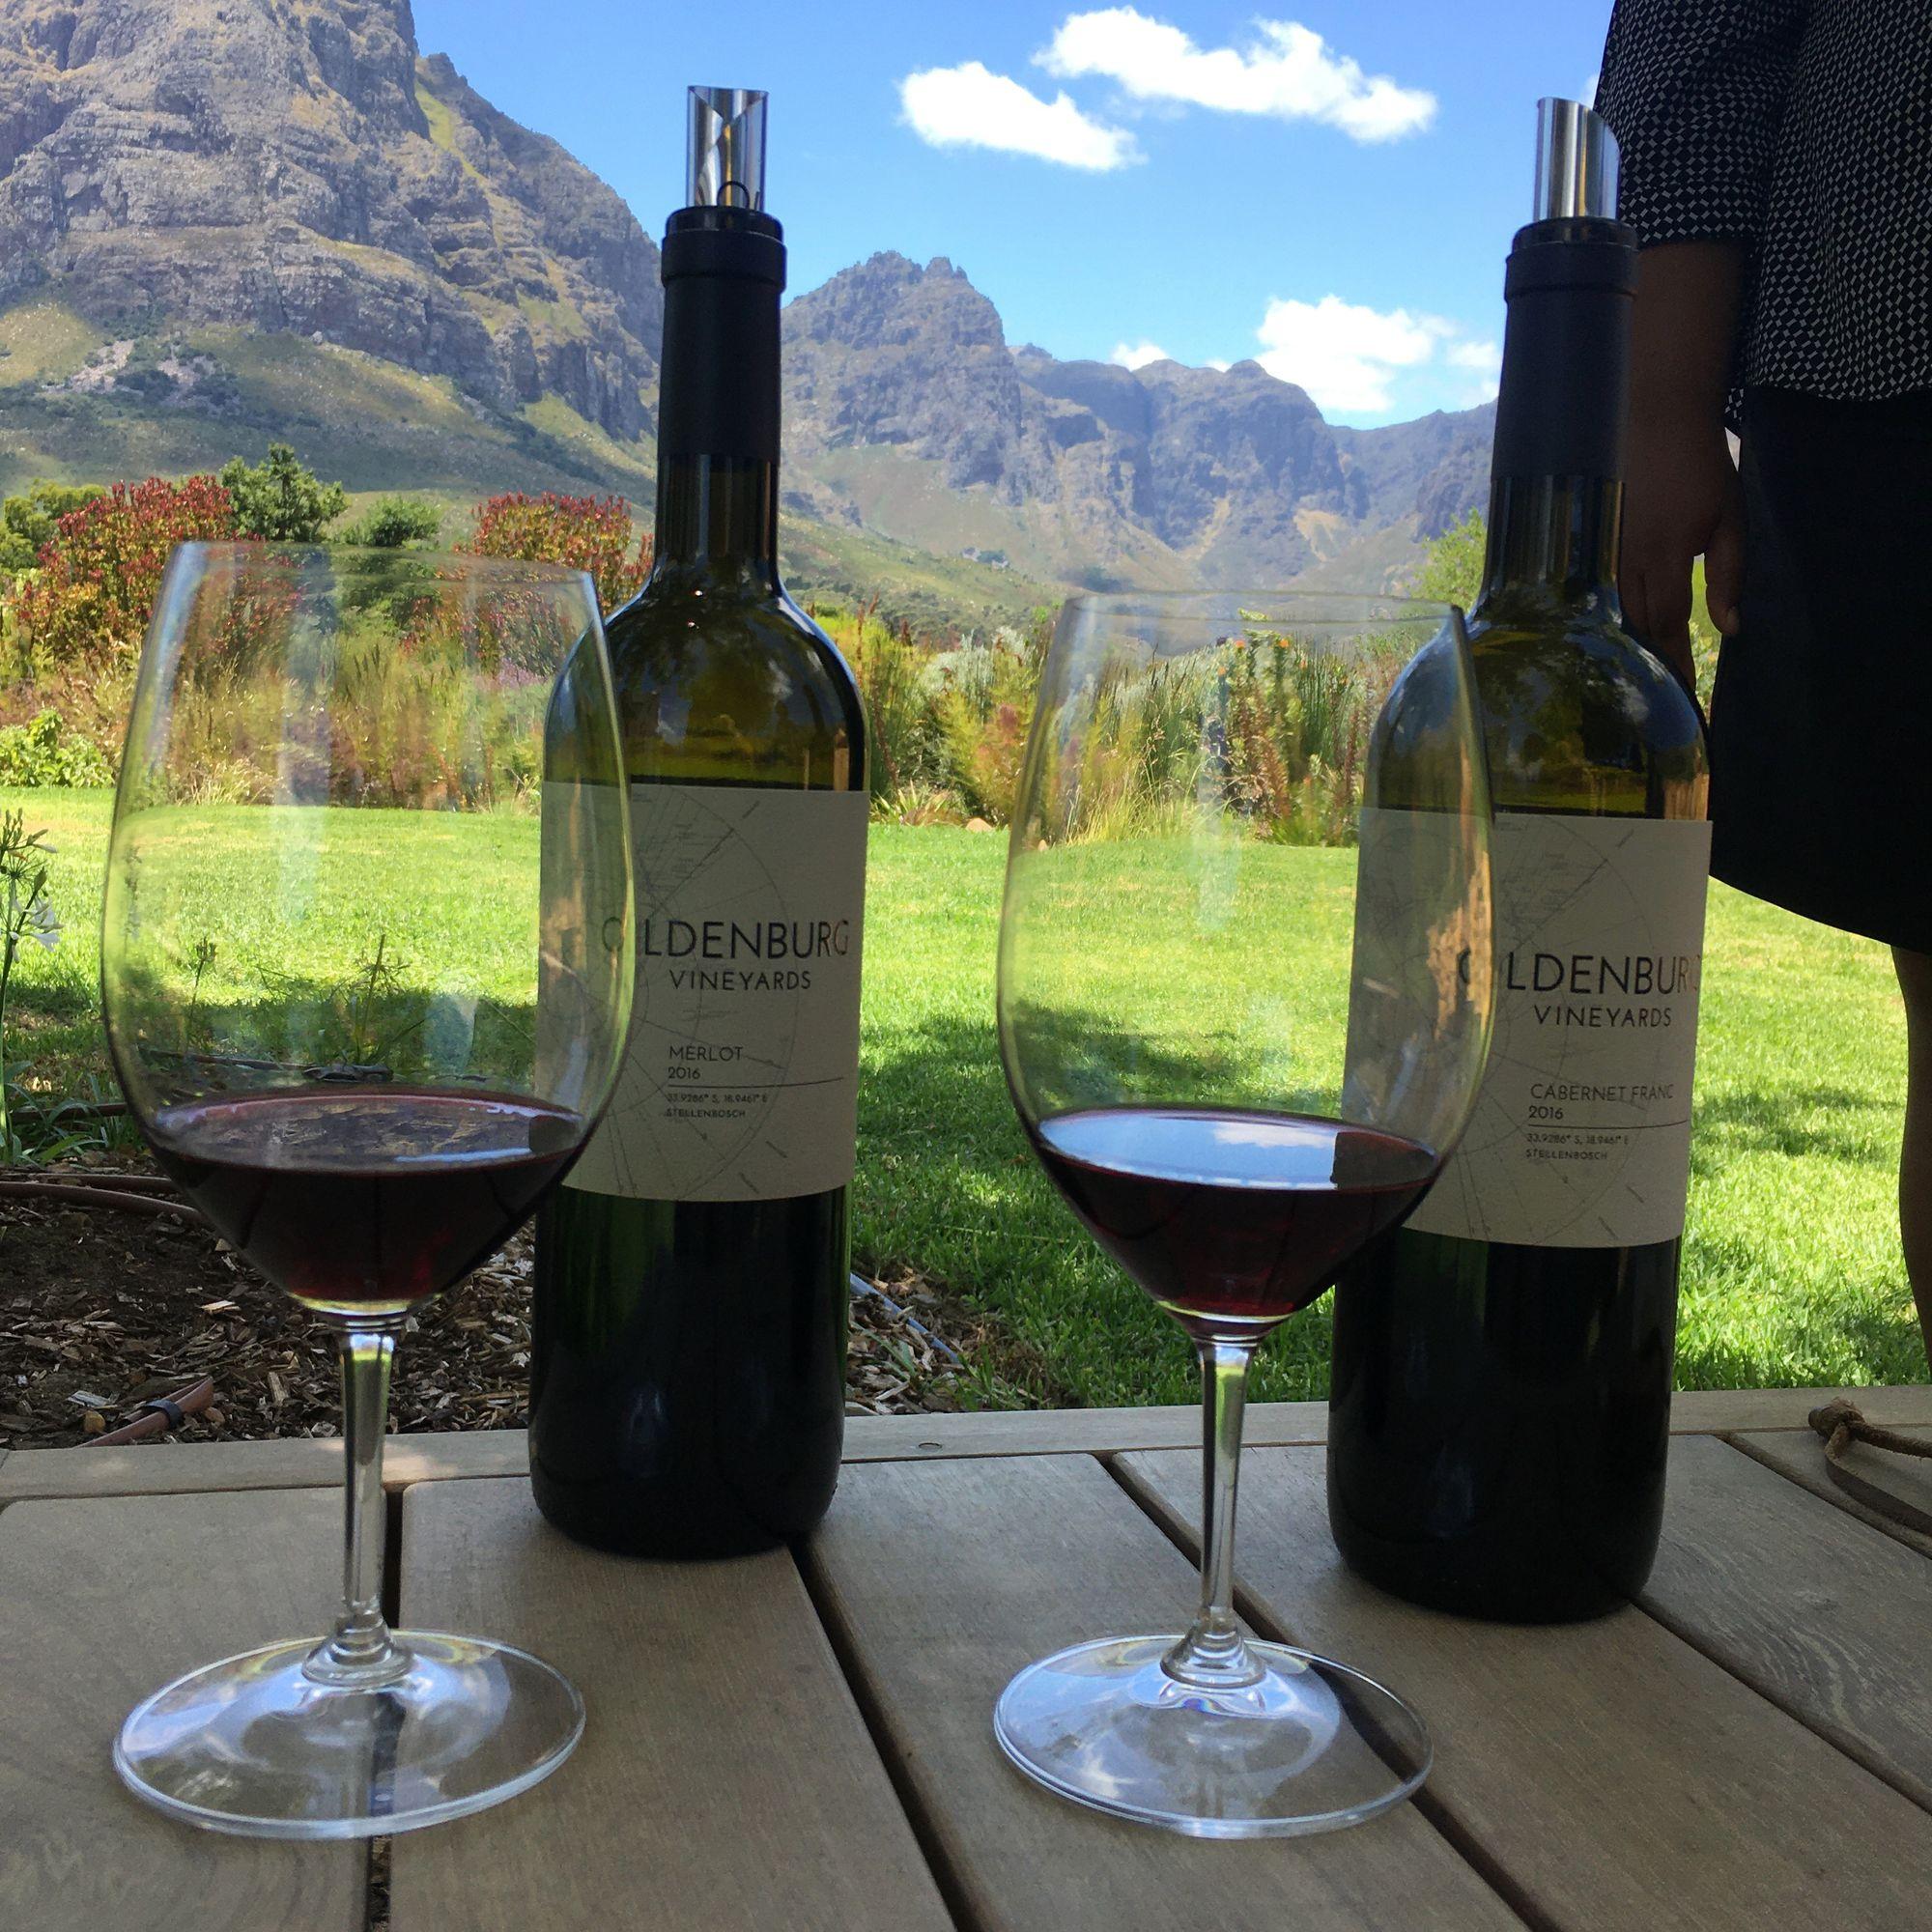 Oldenburg Vineyards Merlot and Cabernet Franc